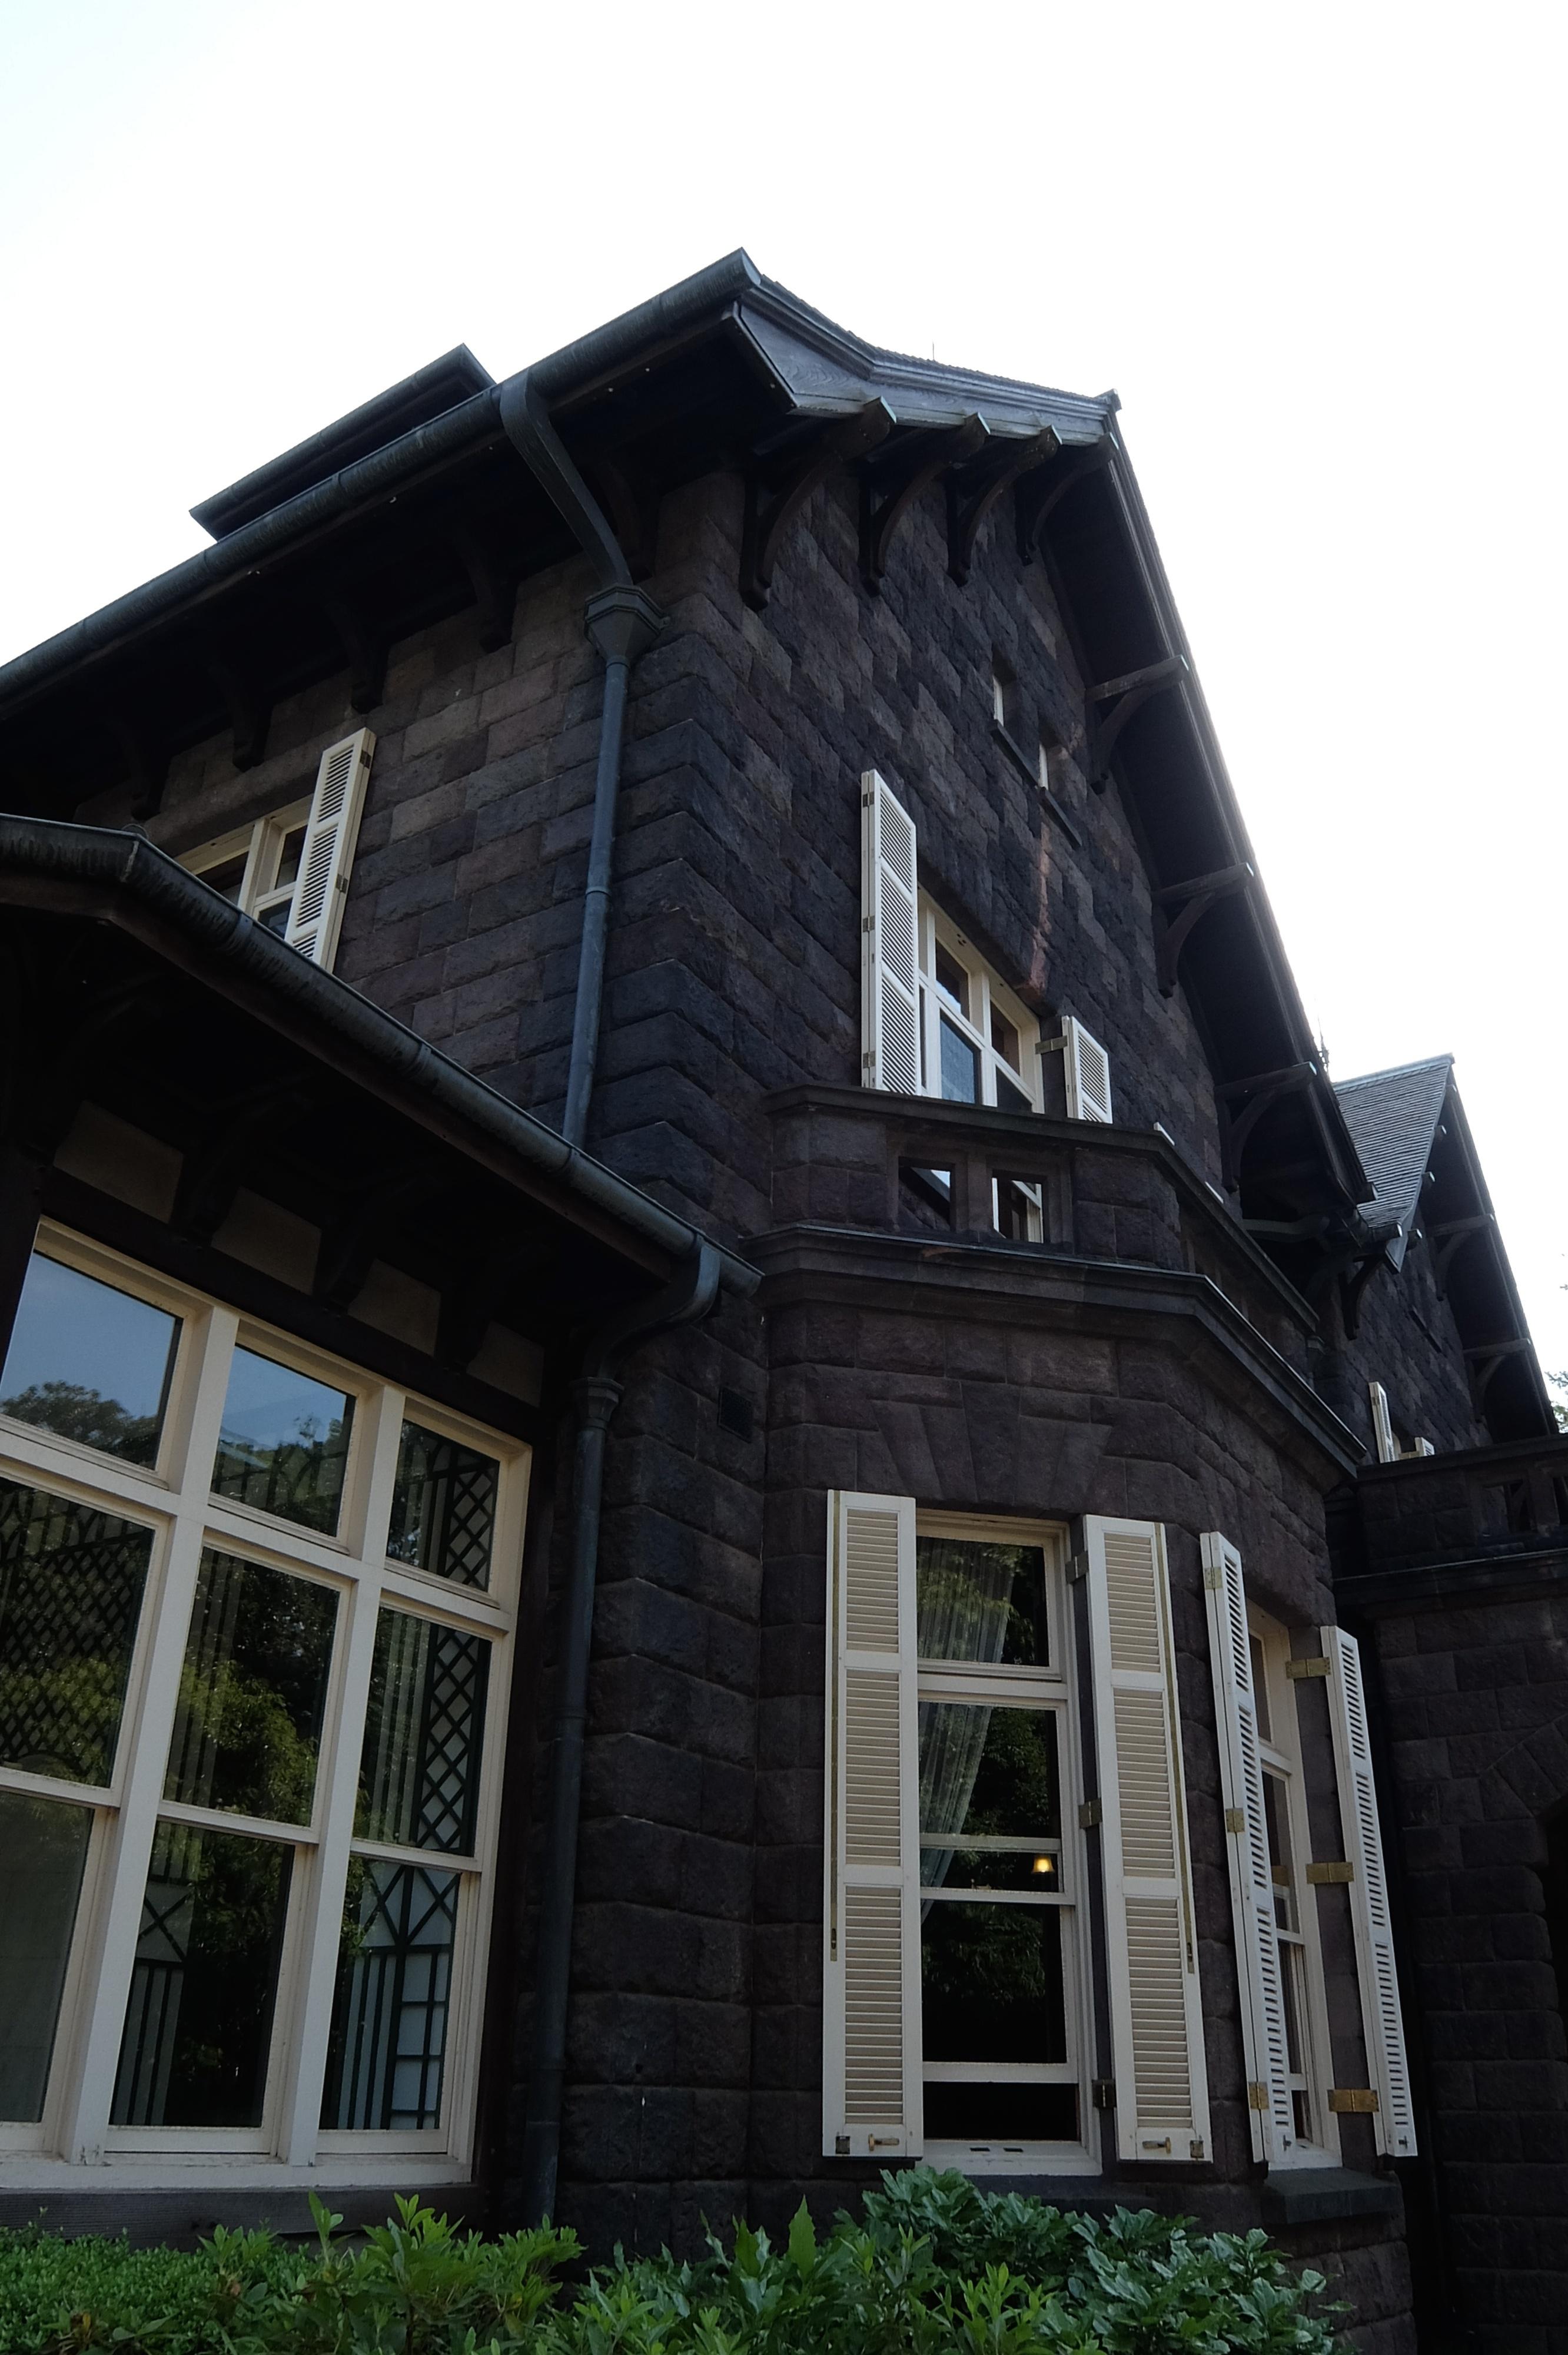 Fondos de pantalla : ventana, arquitectura, edificio, casa, Tokio ...